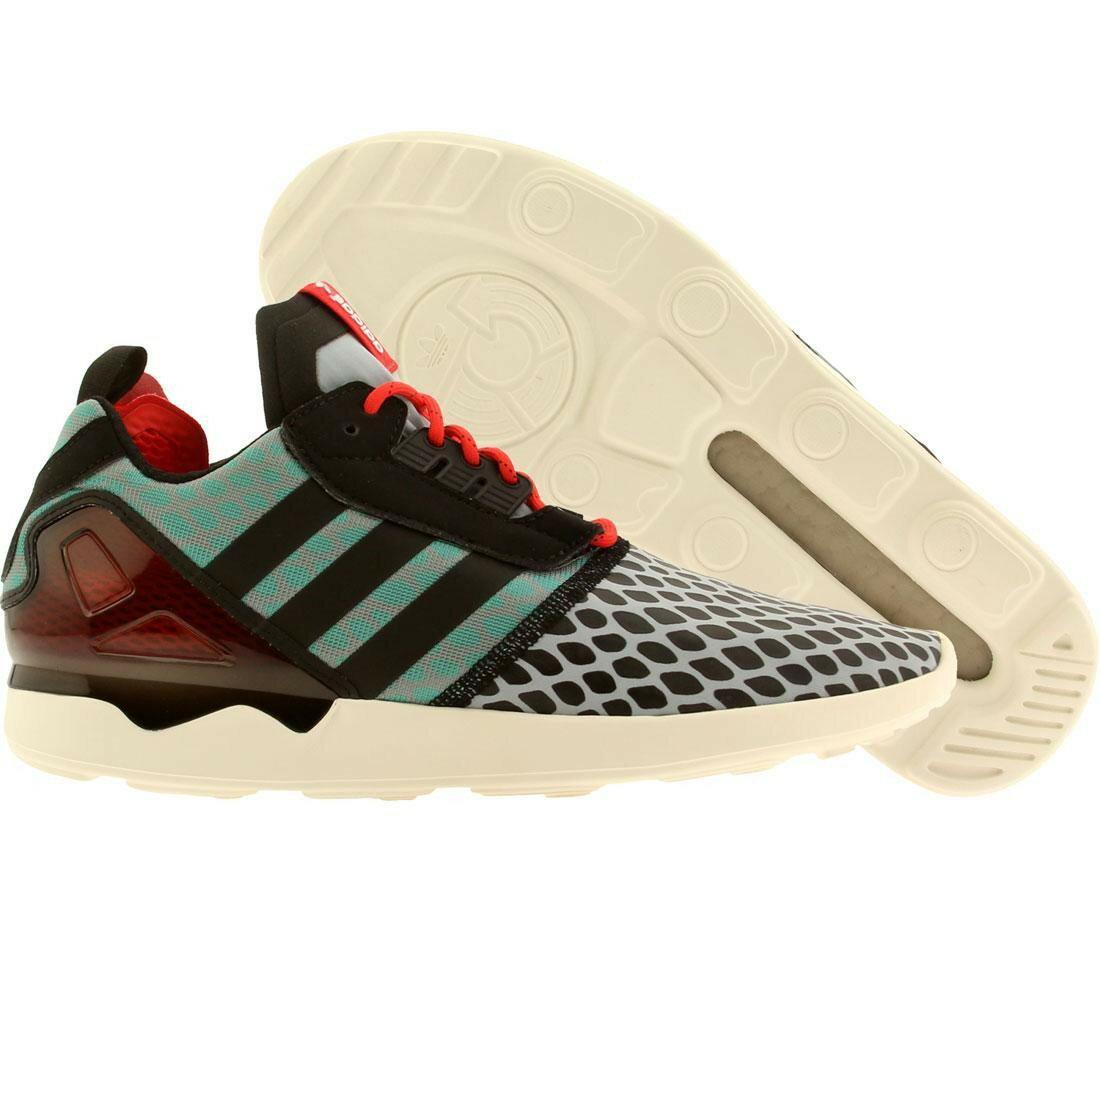 メンズ靴, スニーカー  ADIDAS Men Zx 8000 Boost (black Teal Red) Black Teal Red